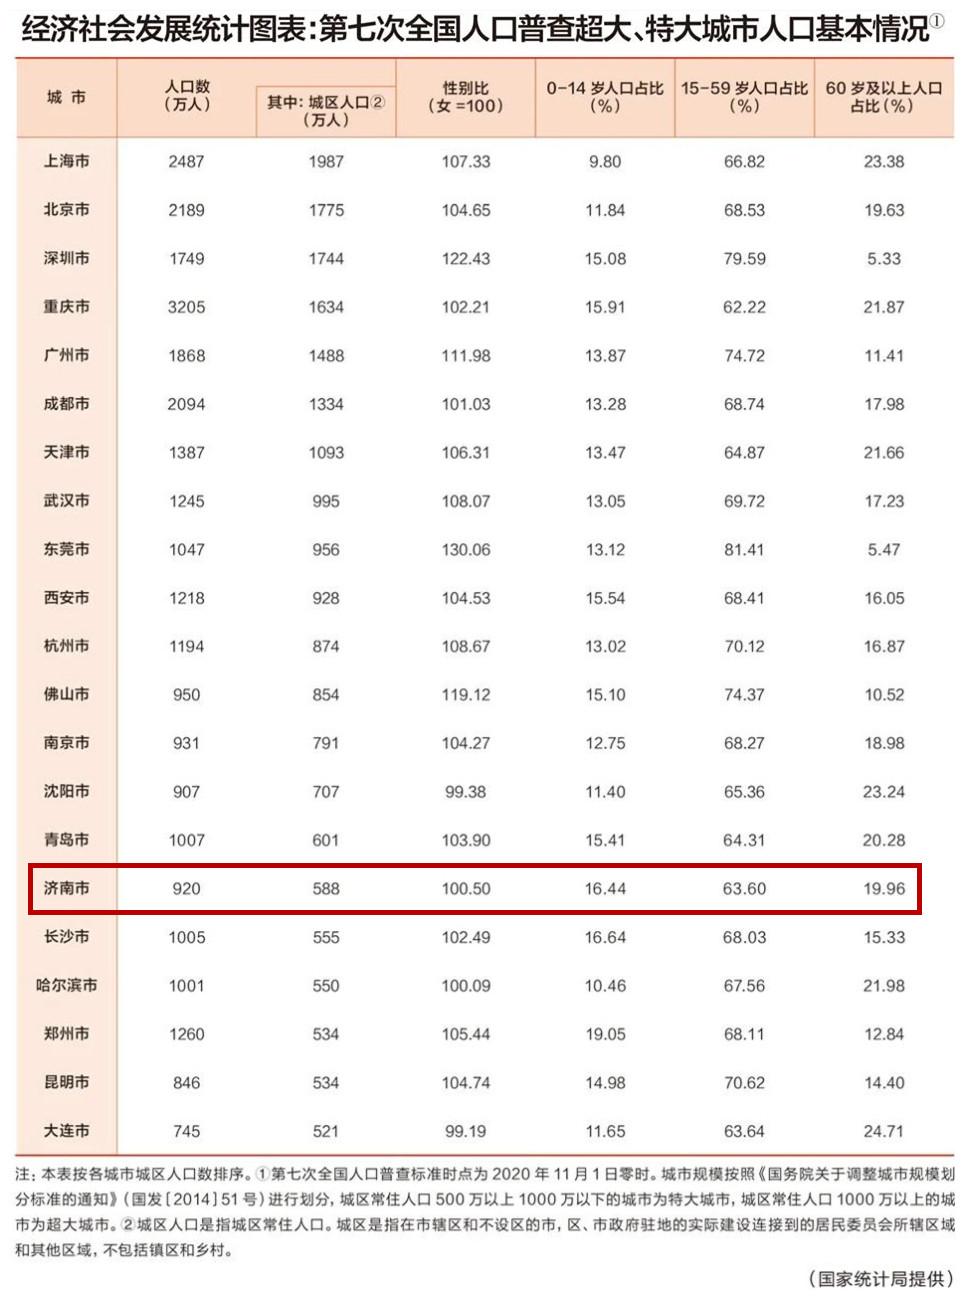 国家统计局公布最新数据:上海北京等7城为超大城市 特大城市14个,济南青岛在列